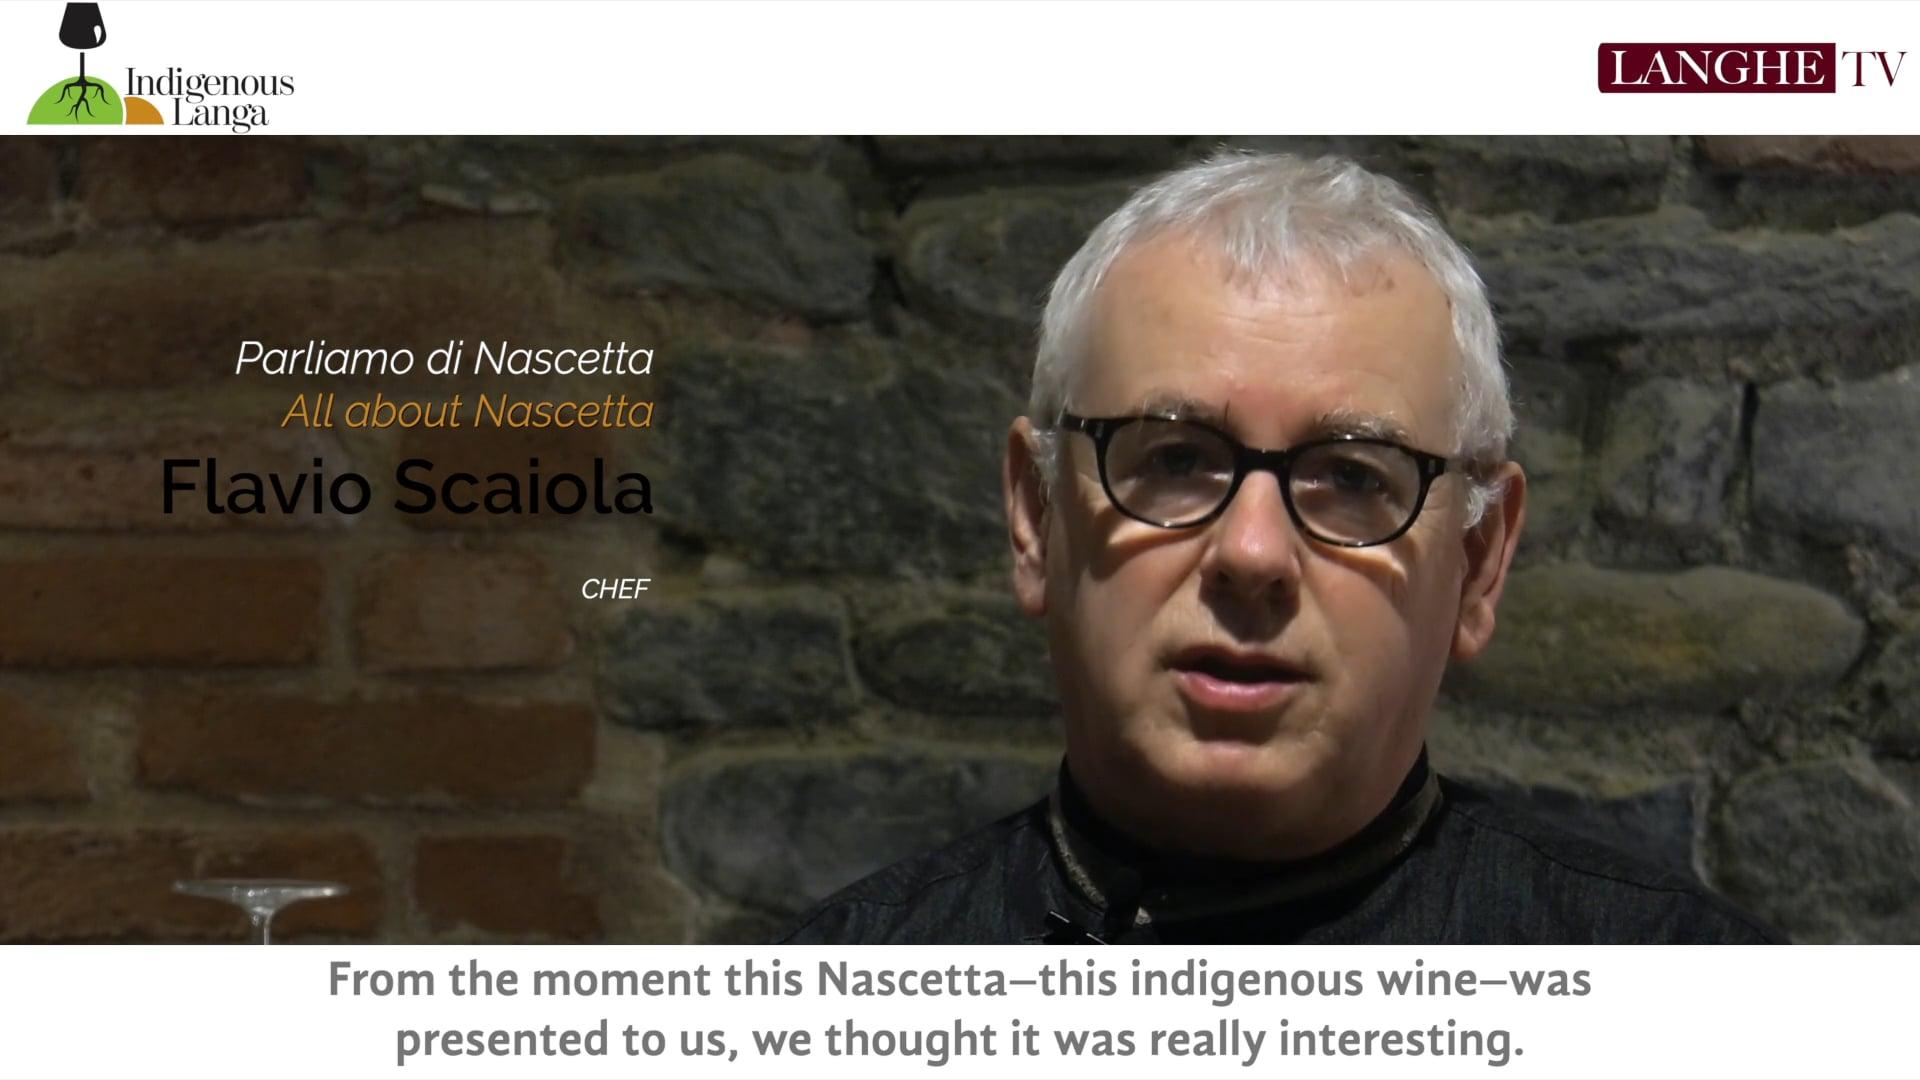 Parliamo di Nascetta con Flavio Scaiola | Let's Talk About Nascetta with Flavio Scaiola